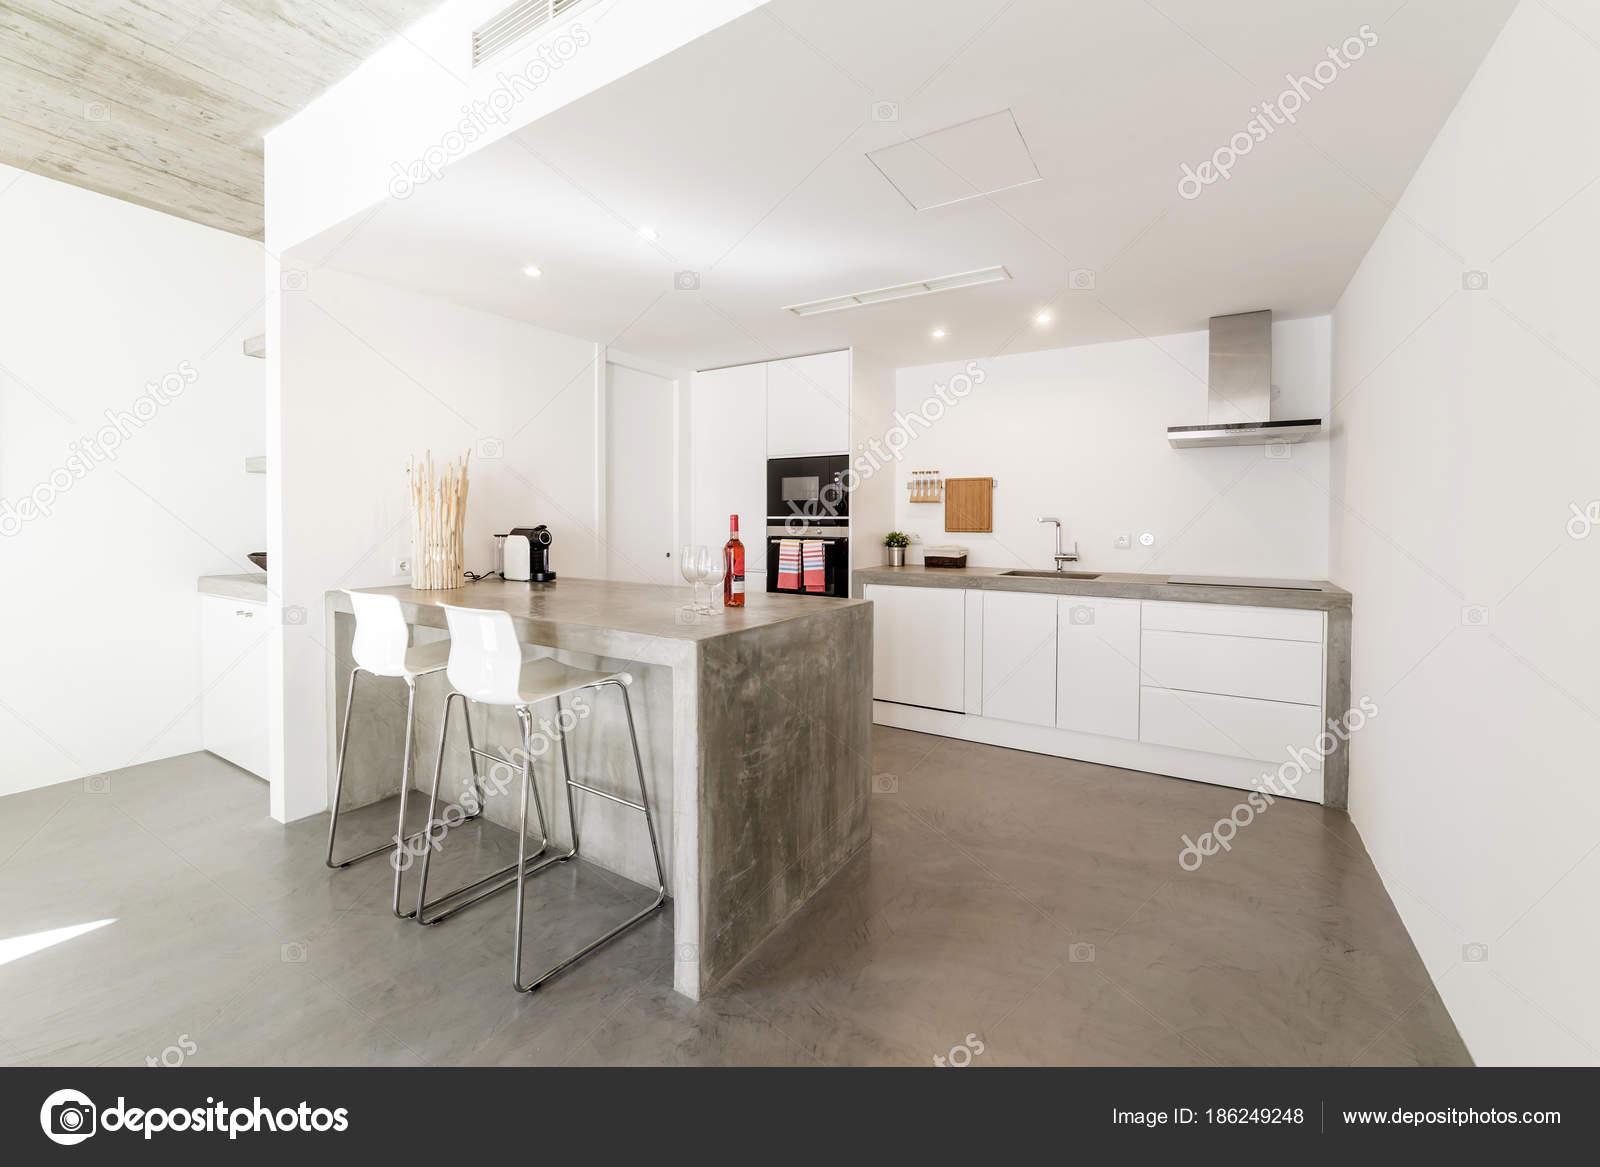 Piastrelle muro cucina paraschizzi cucina bianca piastrelle